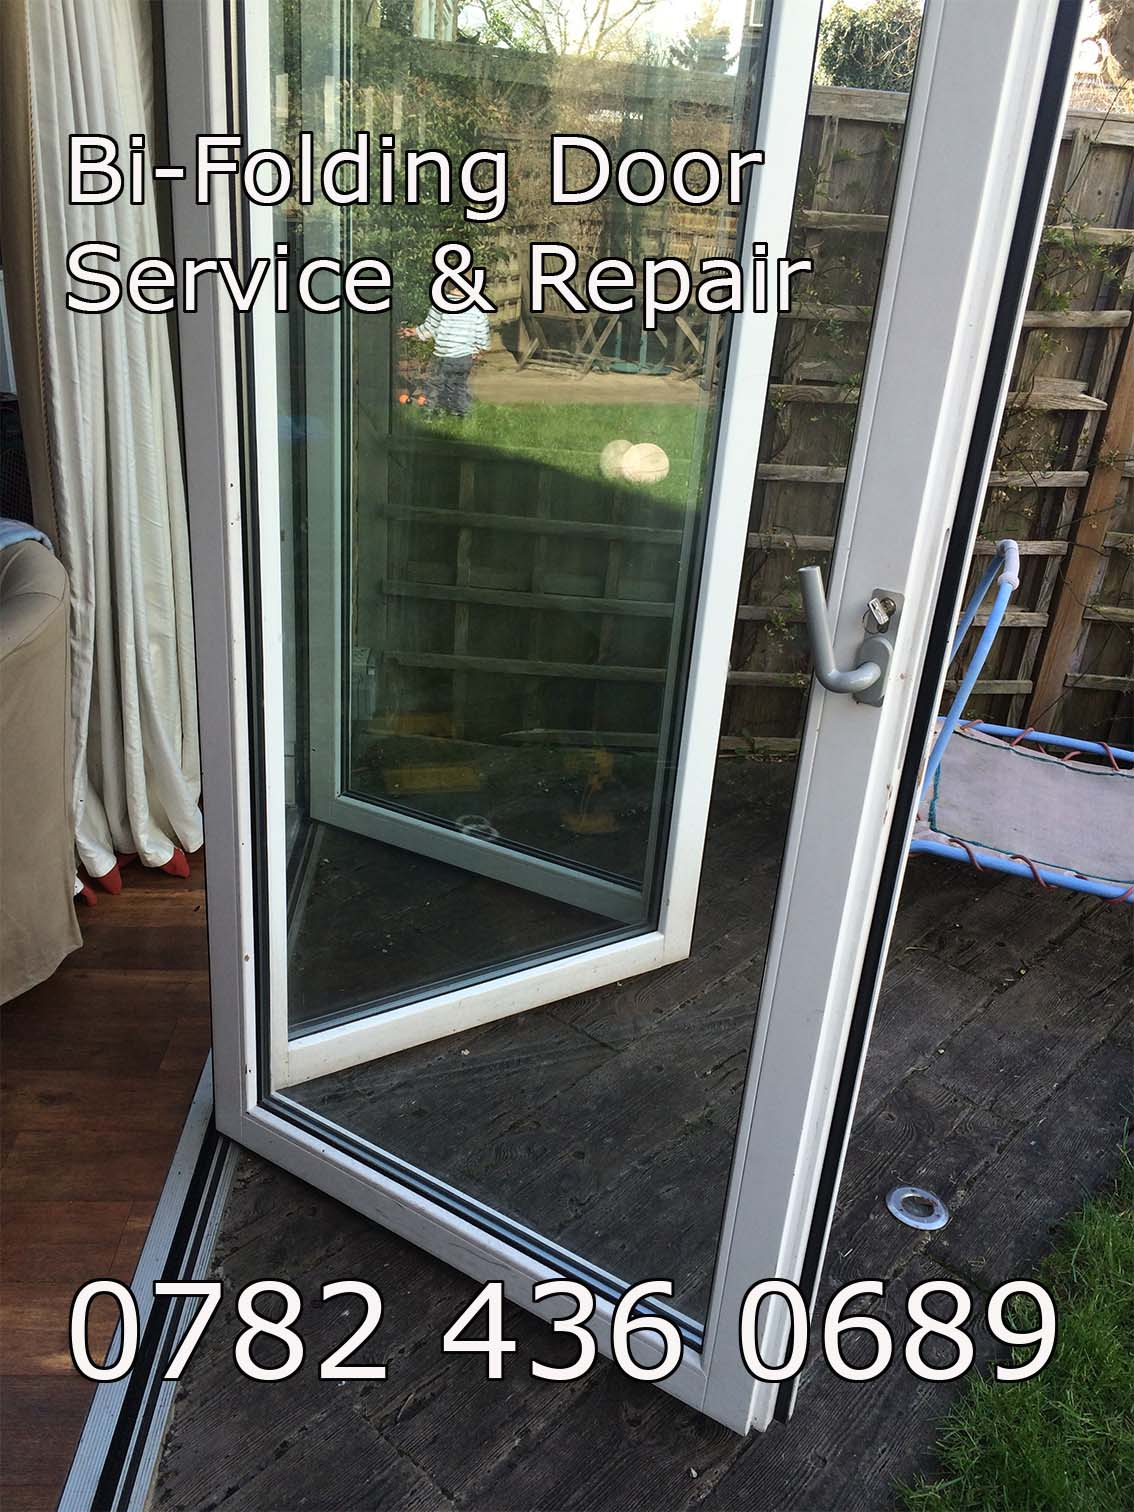 Bi-folding Doors & Bi-Folding Door Repair - Sliding Balcony and Patio Door ...